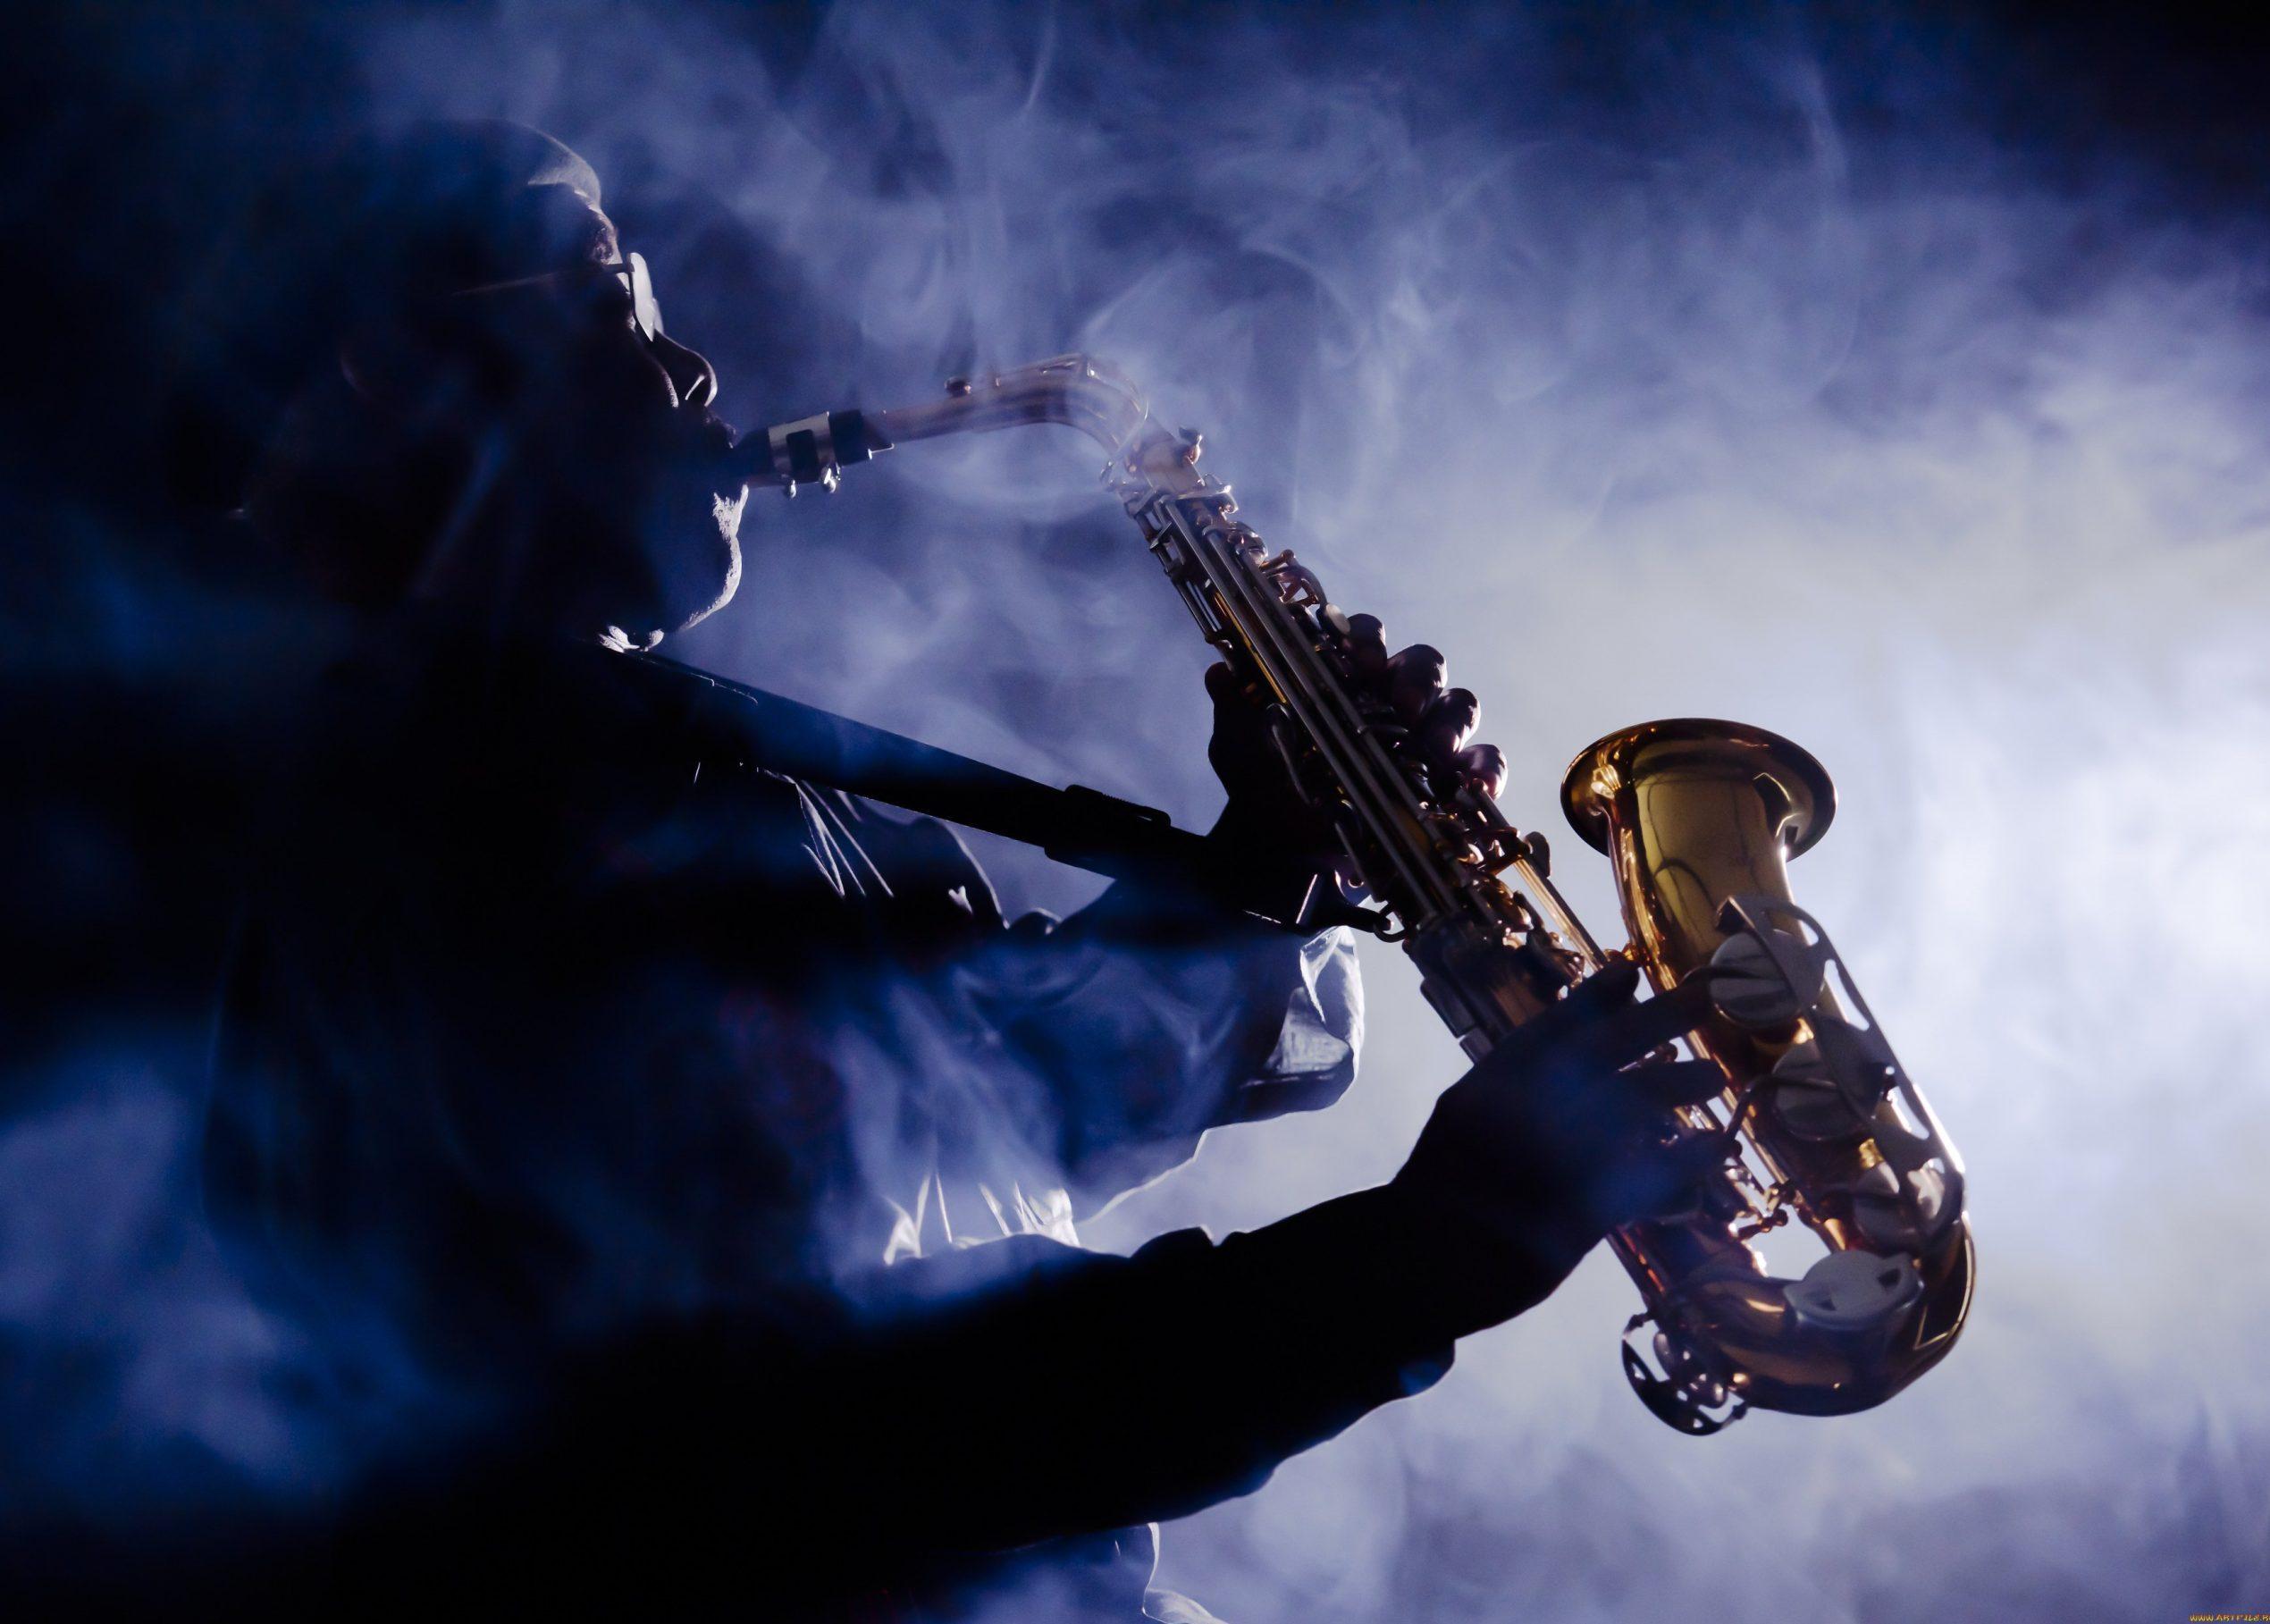 The Art of Jazz Music